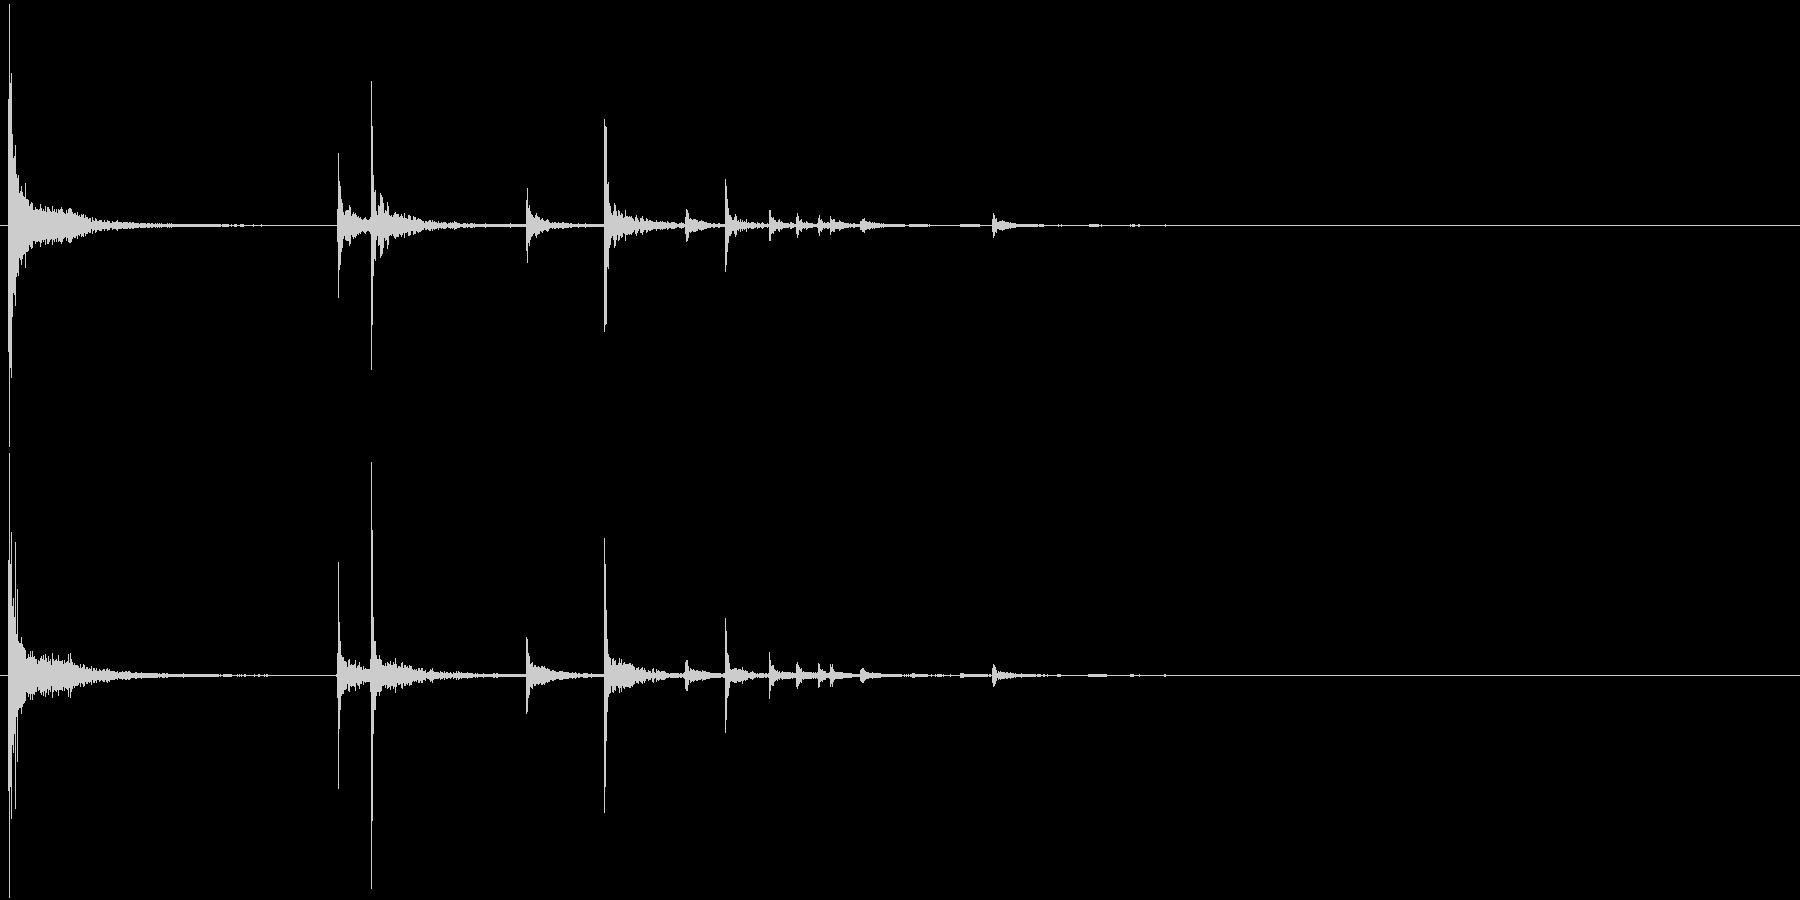 【生録音】ペットボトルを落とす音2 野外の未再生の波形